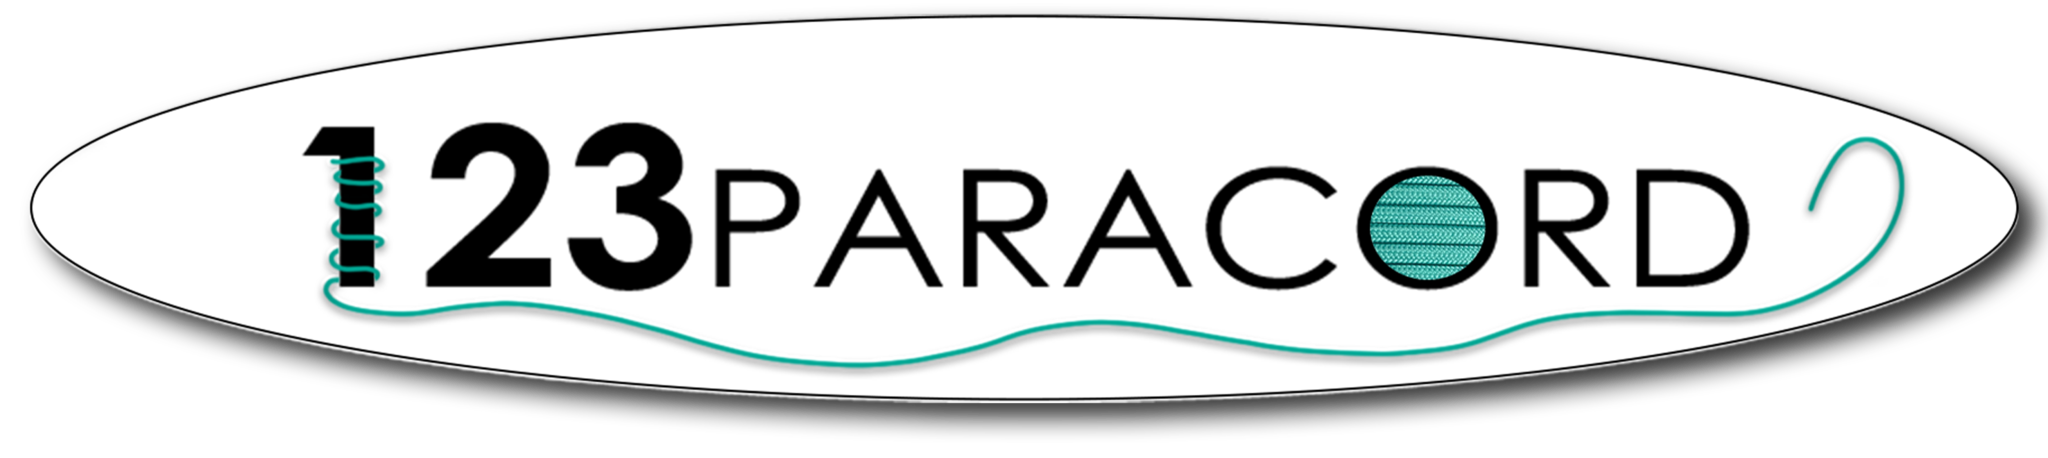 De beste webshop voor Paracord